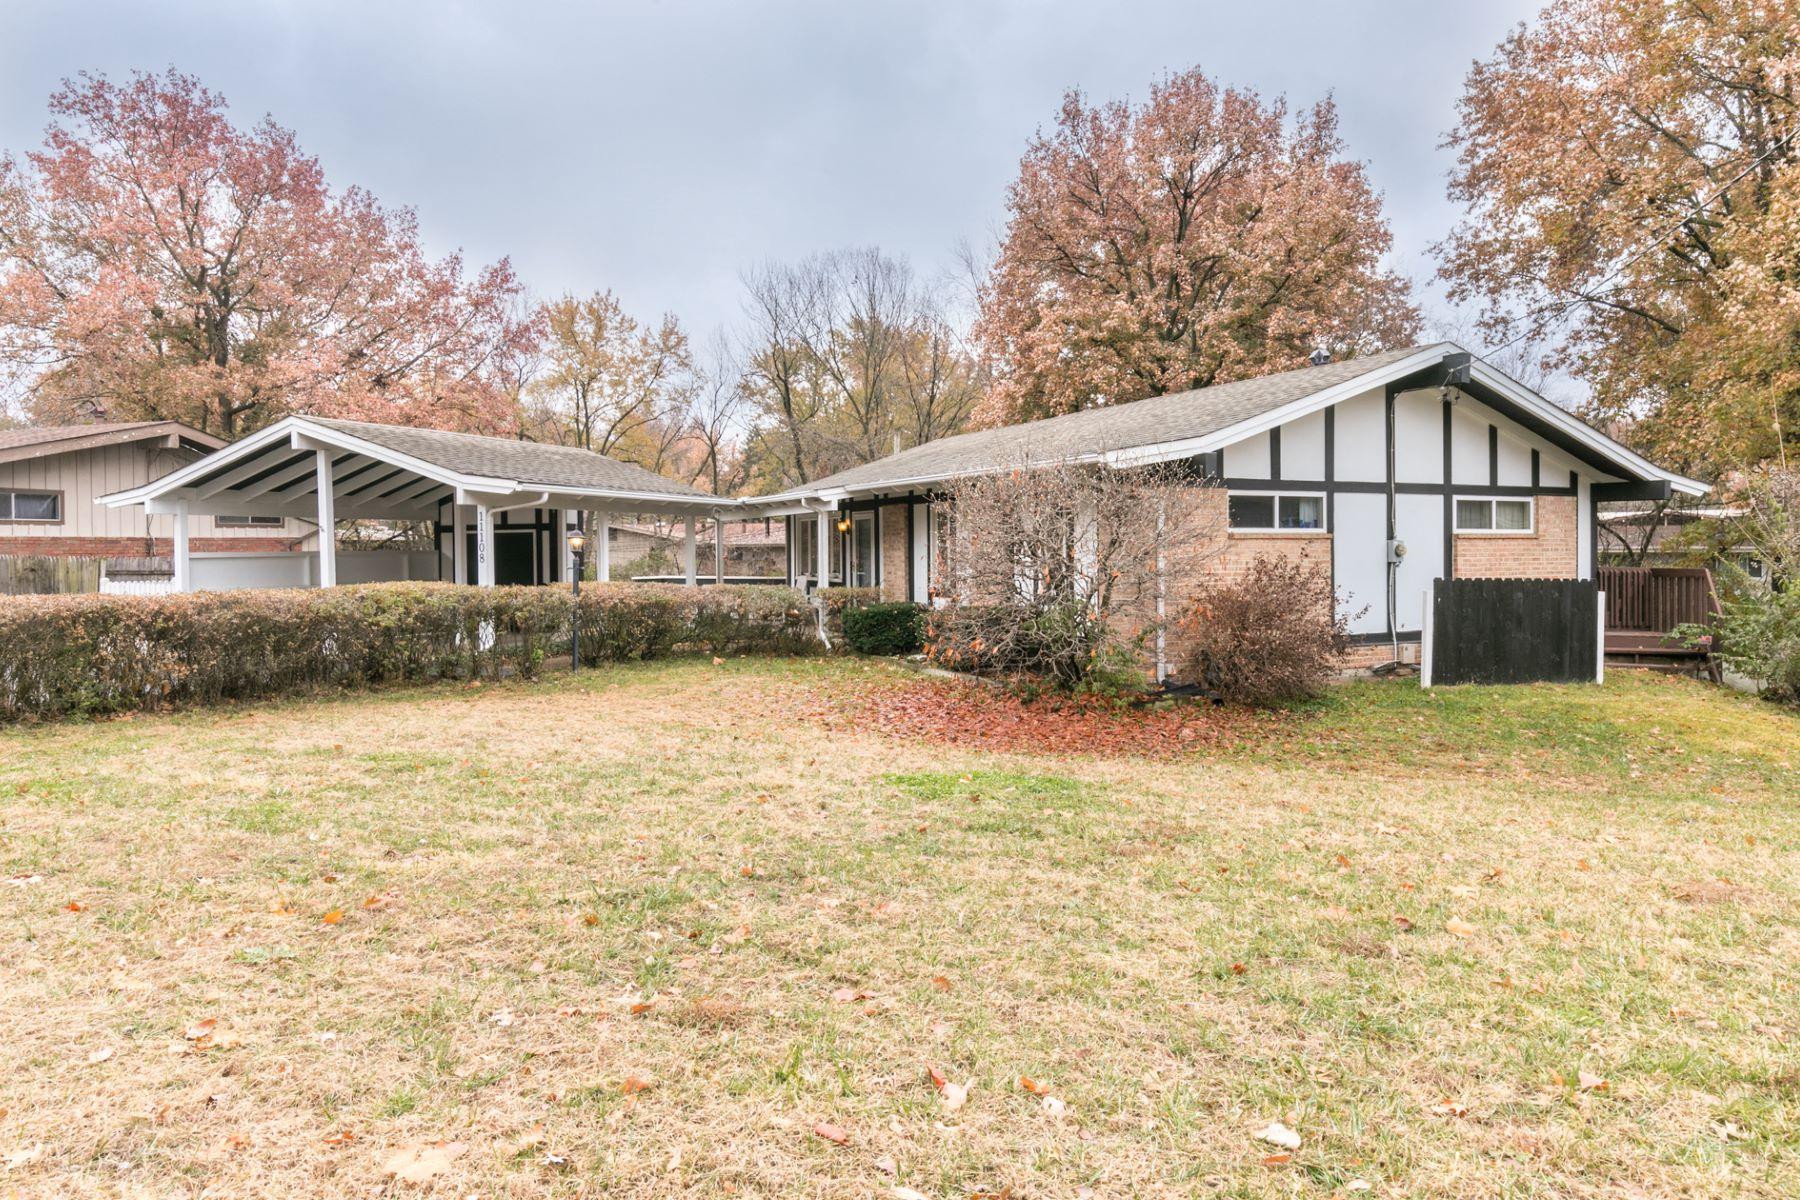 Property for Sale at Schuetz 11108 Schuetz St. Louis, Missouri 63146 United States